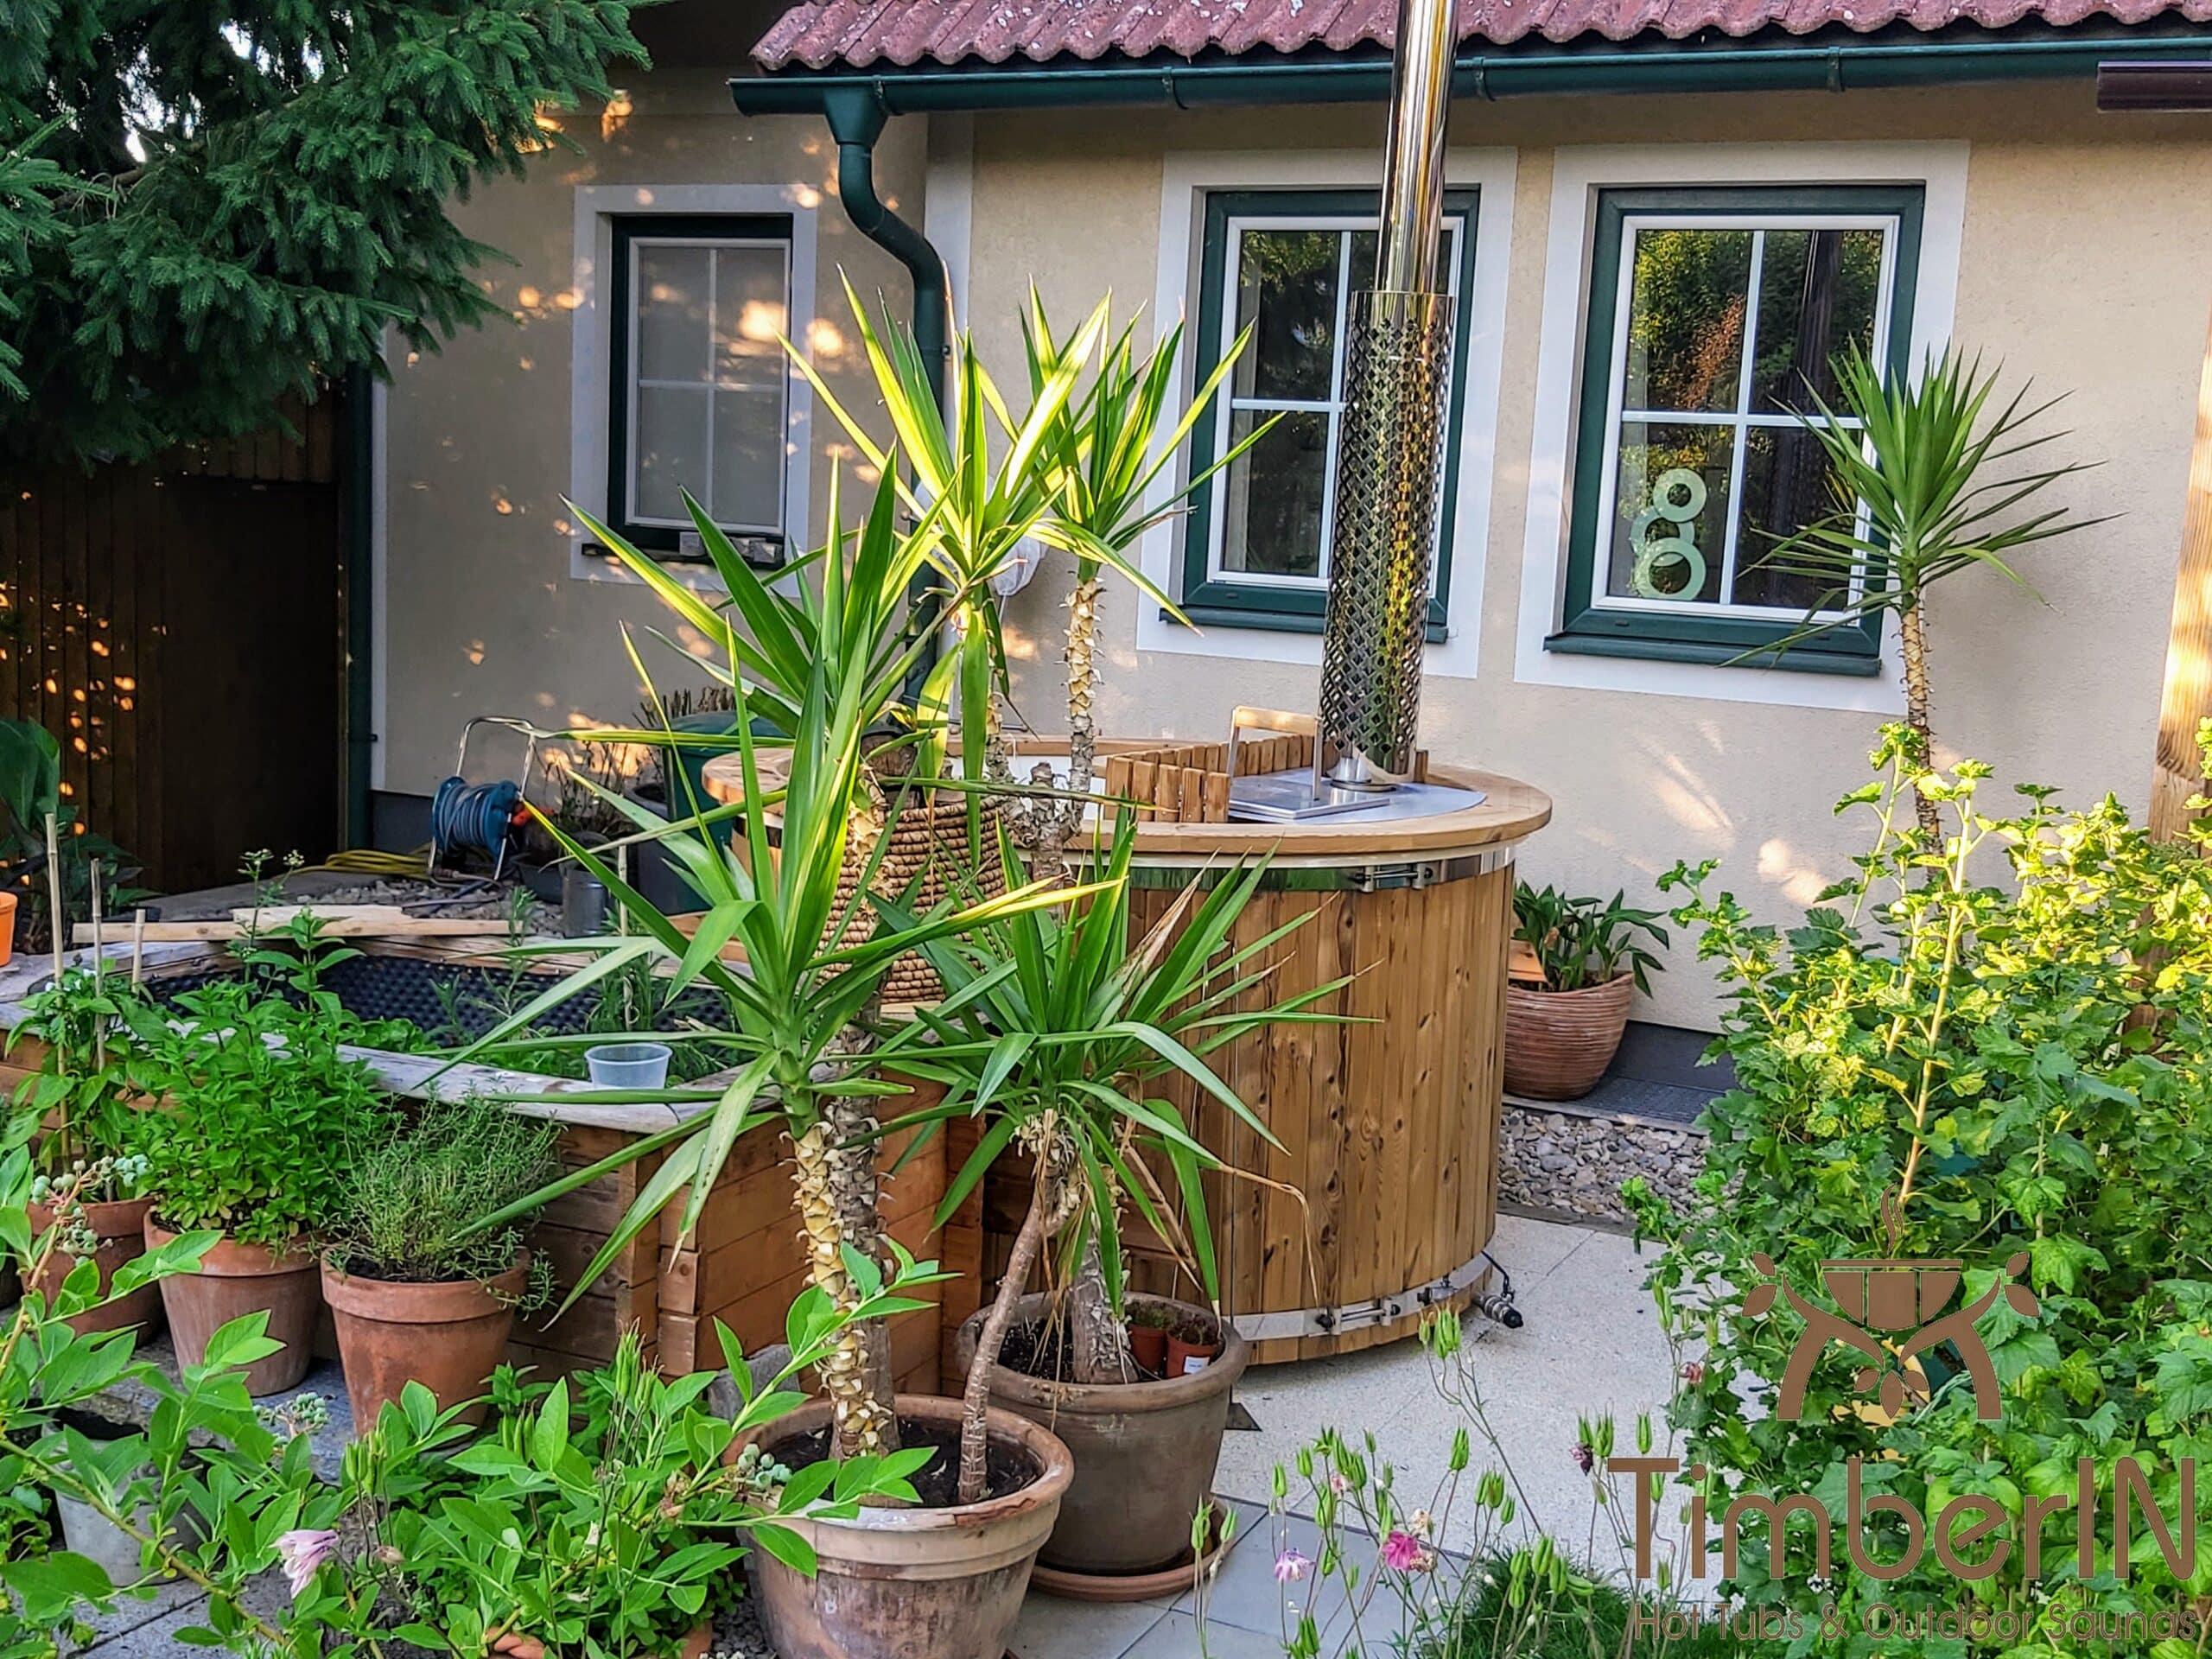 Badefass Badezuber Garten mit Innenofen GFK 4 scaled